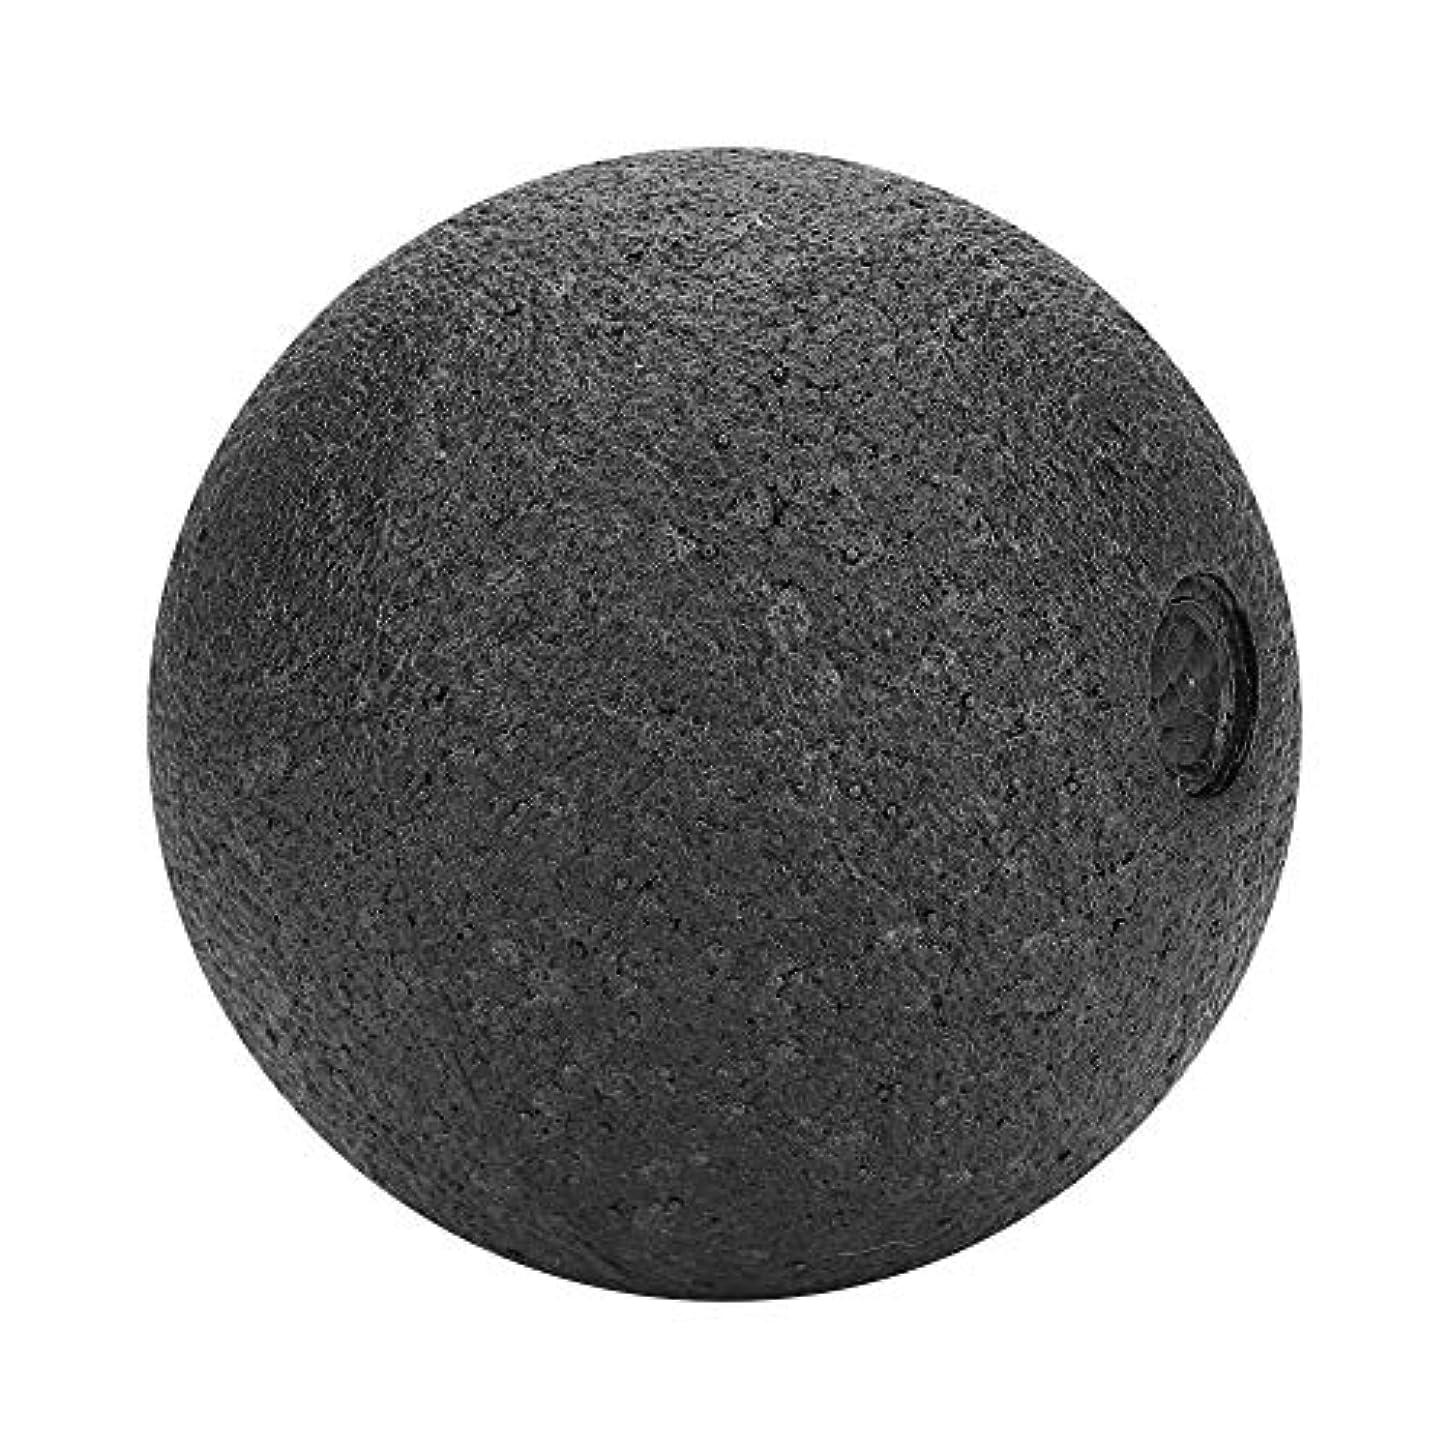 サラダ樫の木リスマッサージボール ストレッチボール トリガーポイント マッサージボール 指圧ボールマッスルマッサージボール、首 腰 背中 肩こり 足裏 ツボ押しグッズ 疲労回復 むくみ解消